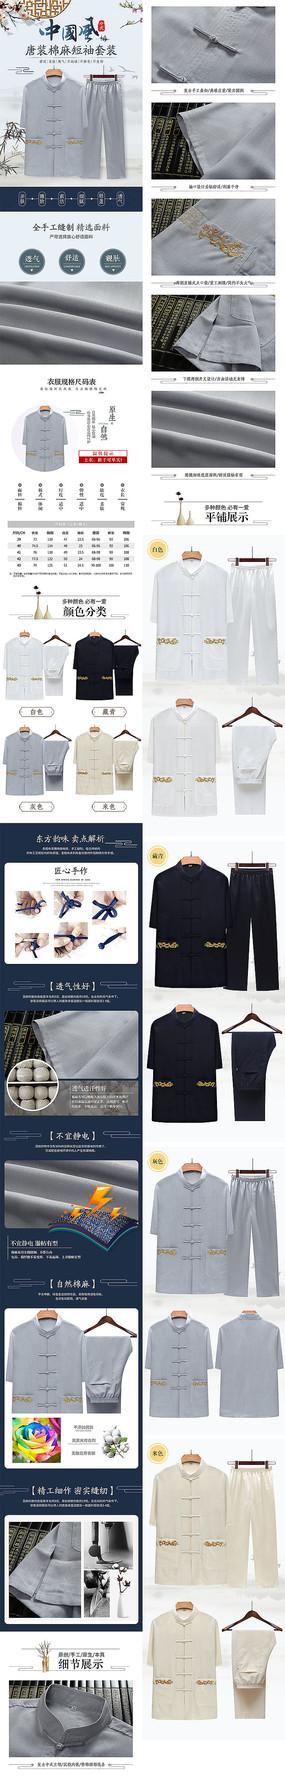 淘宝天猫中国风唐装套装详情